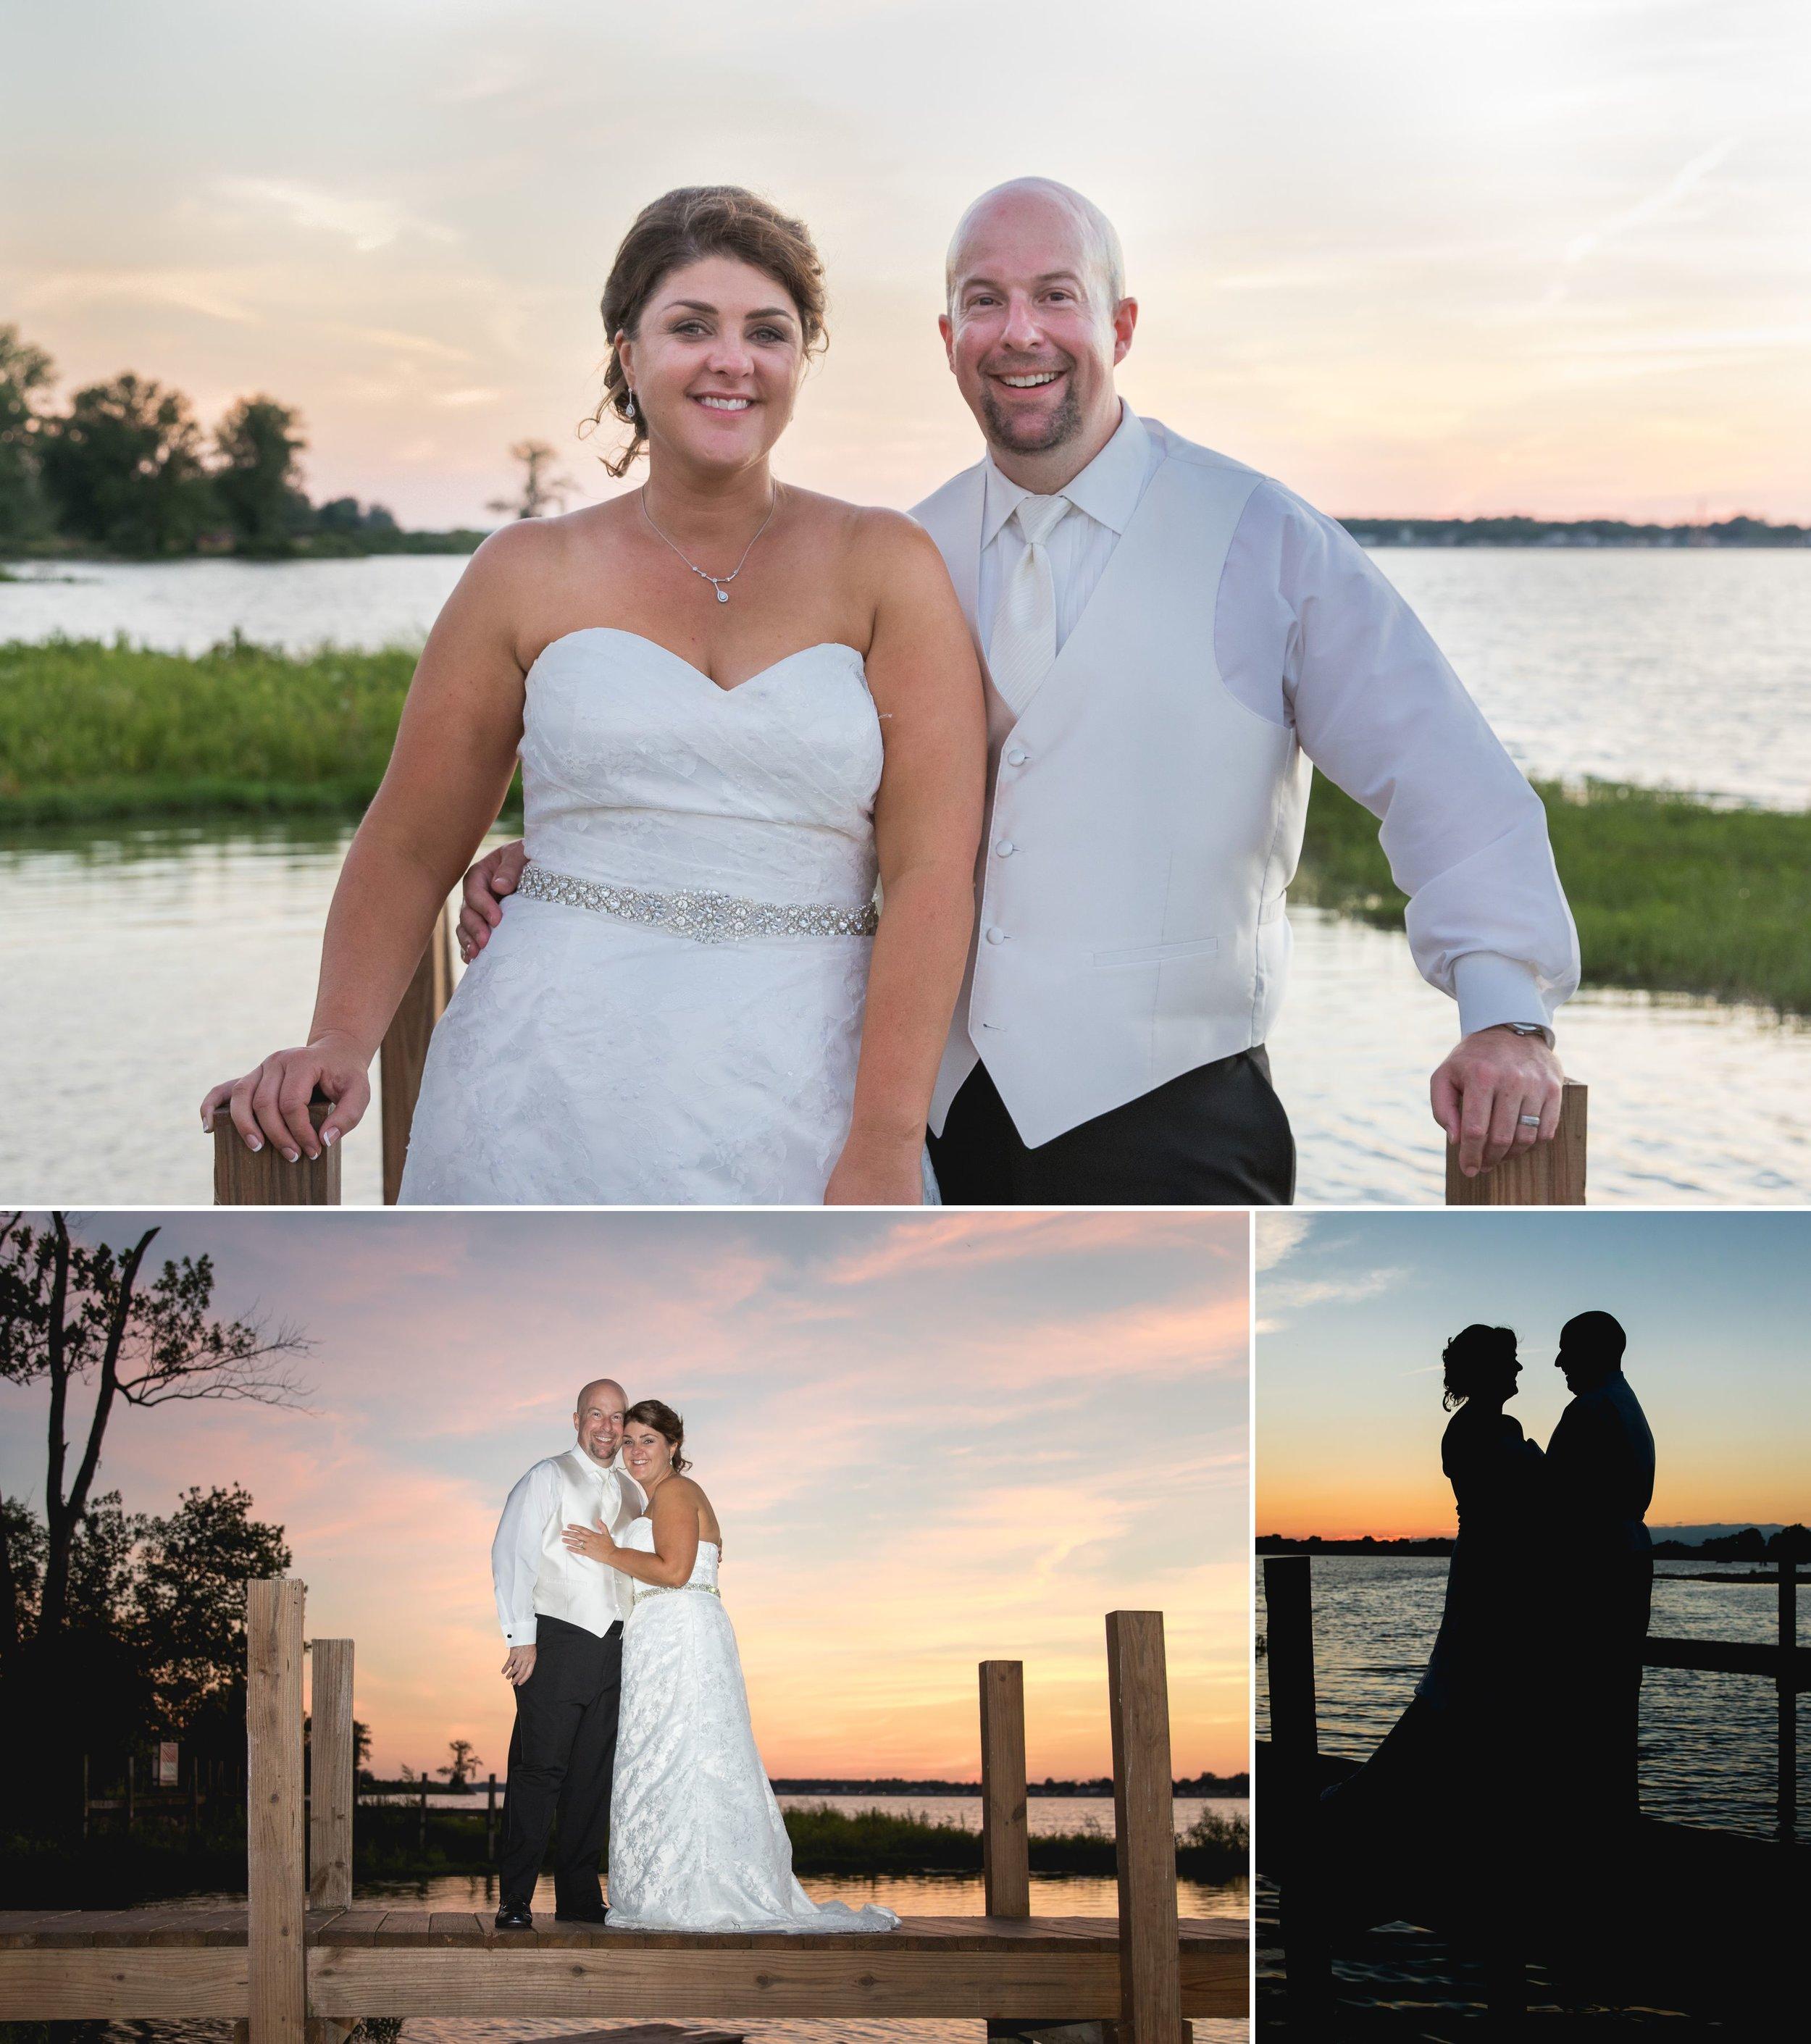 010-Buckeye-lake-winery-wedding-couple-wedding-party-portraits-columbus-ohio-wedding-muschlitz-photography-sunset-07.JPG